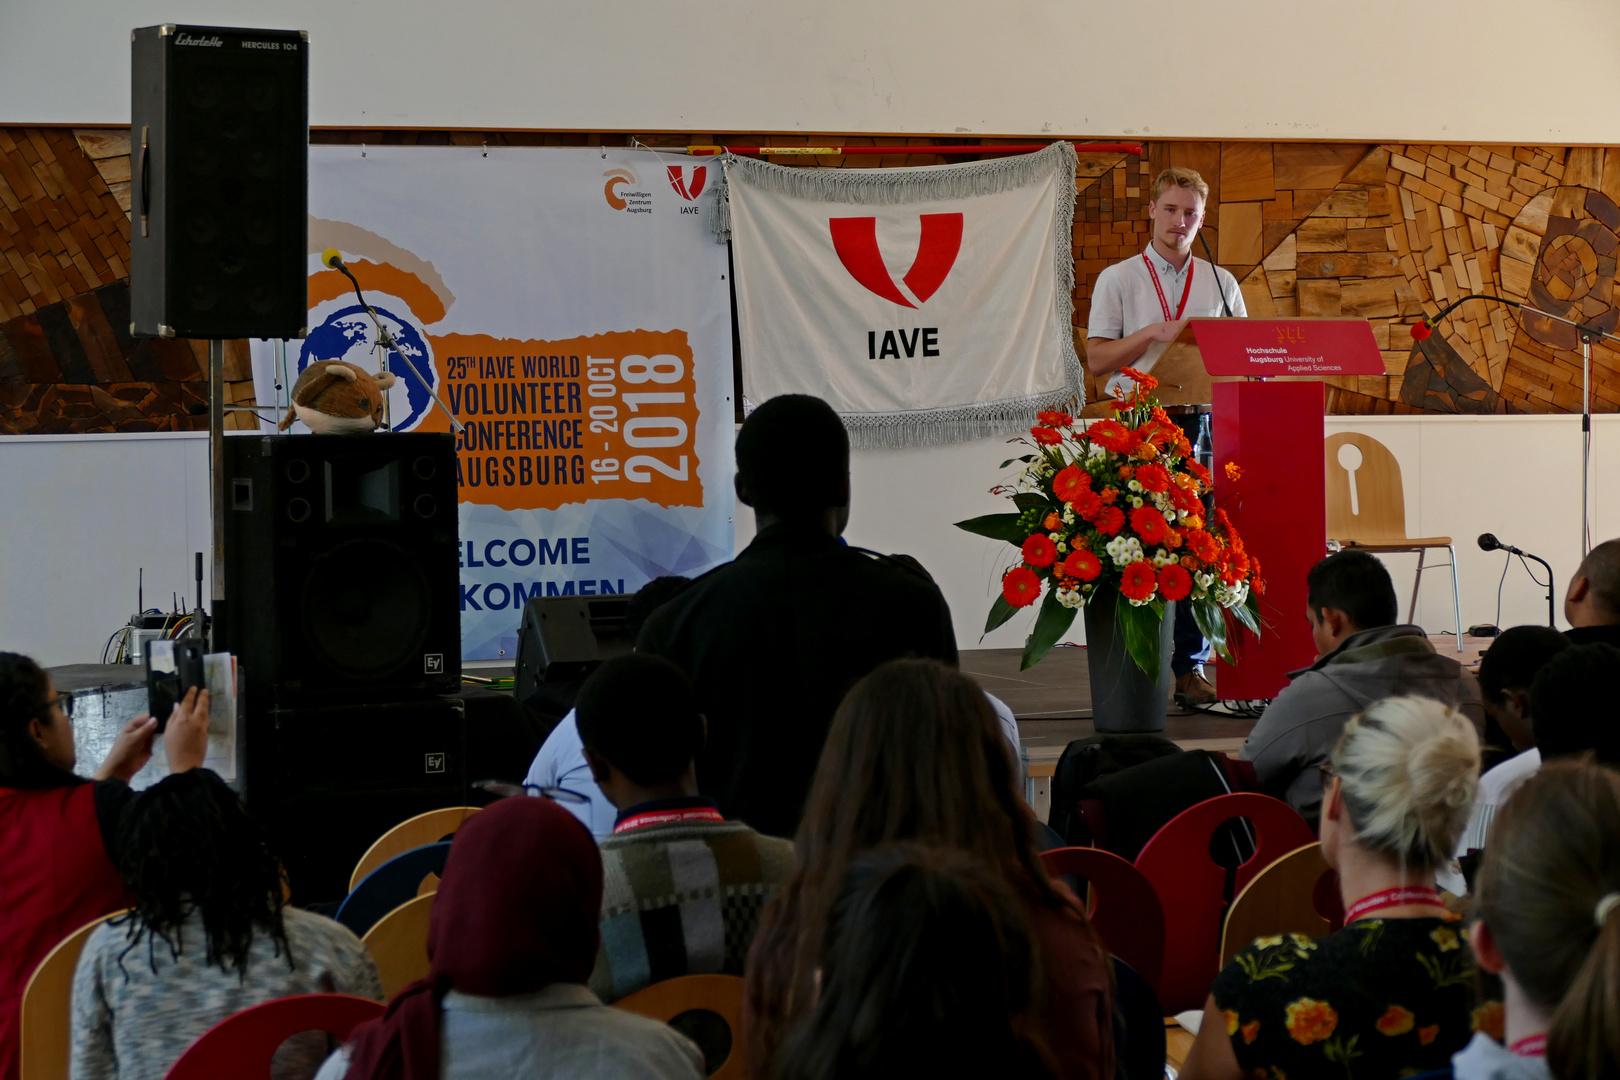 Welt-Jugendfreiwilligenforum 2018 Augsburg / Deutschland - 16.10.2018 Fachhochschule - Foto: Christoph Urban - Freiwilligen-Zentrum Augsburg